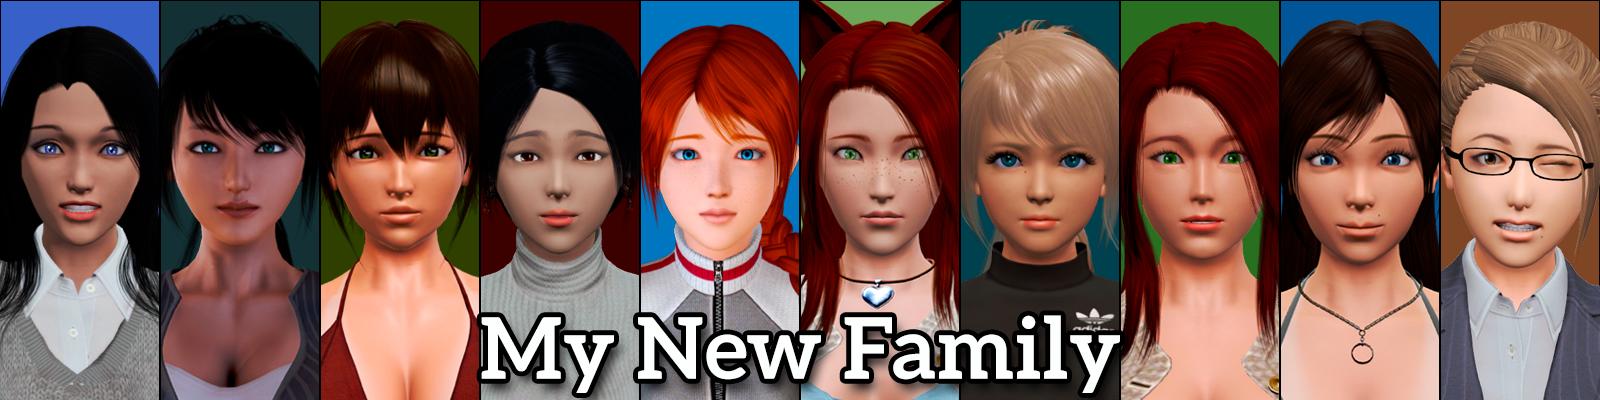 My New Family [Killer7]